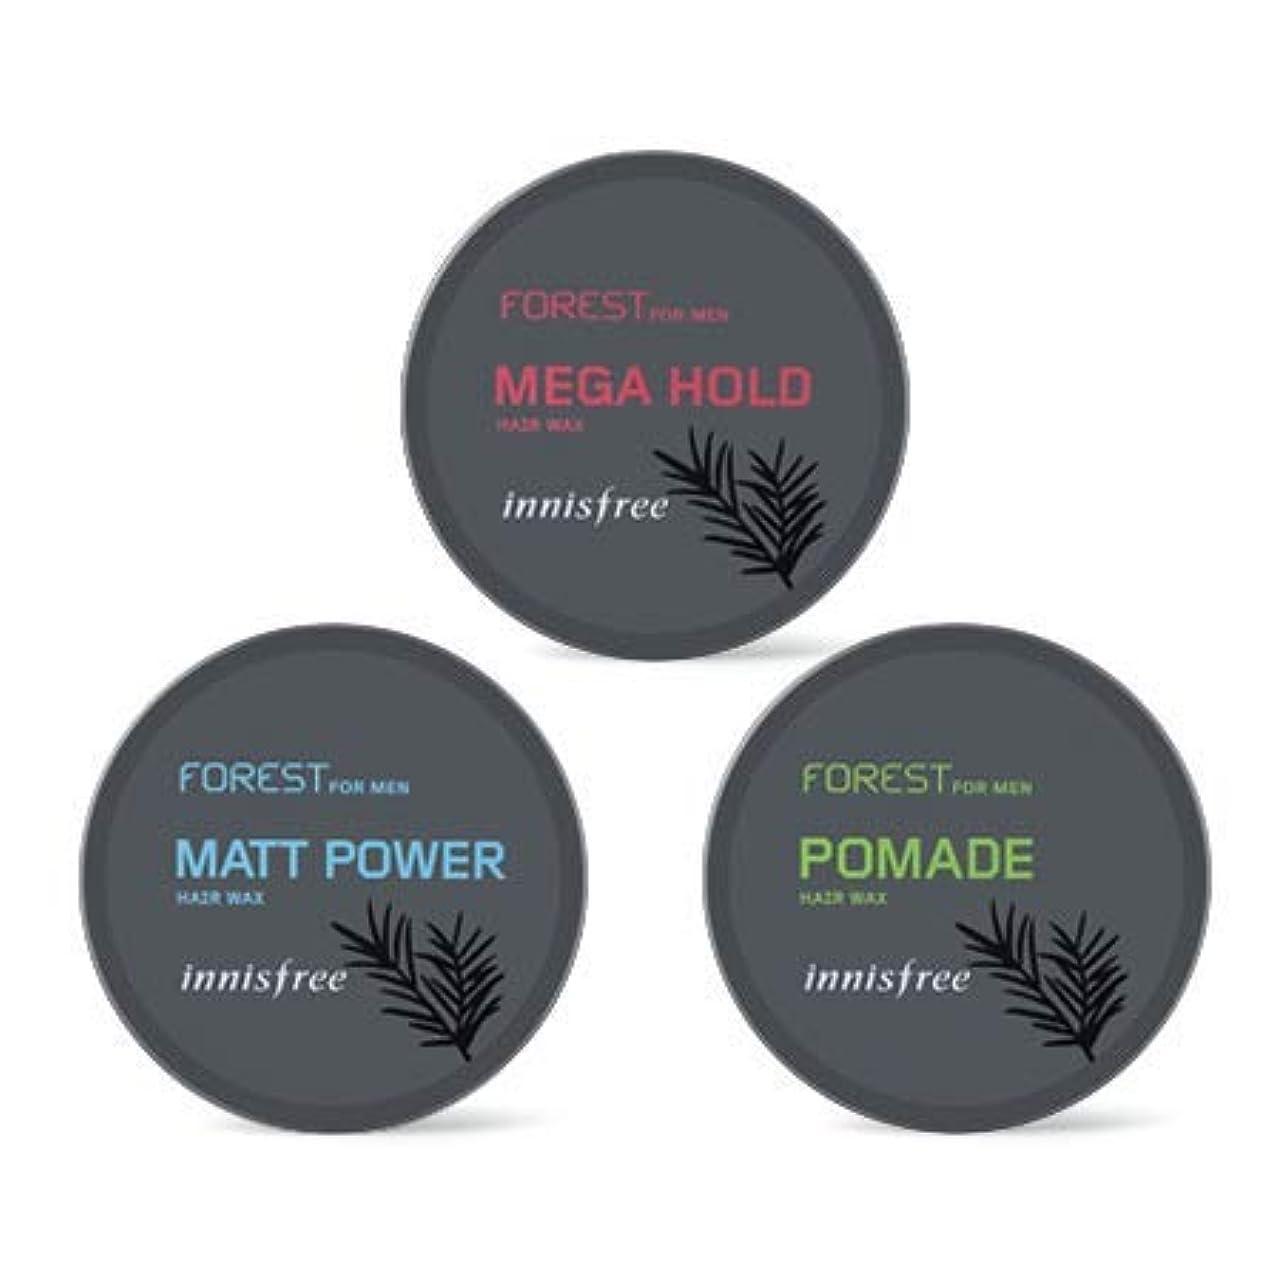 ミケランジェロヤギ活気づく[イニスフリー.INNISFREE](公式)フォレストフォアマンヘアワックス(3種)/ Forest For Men Hair Wax(60G、3 kind) (# mega hold)